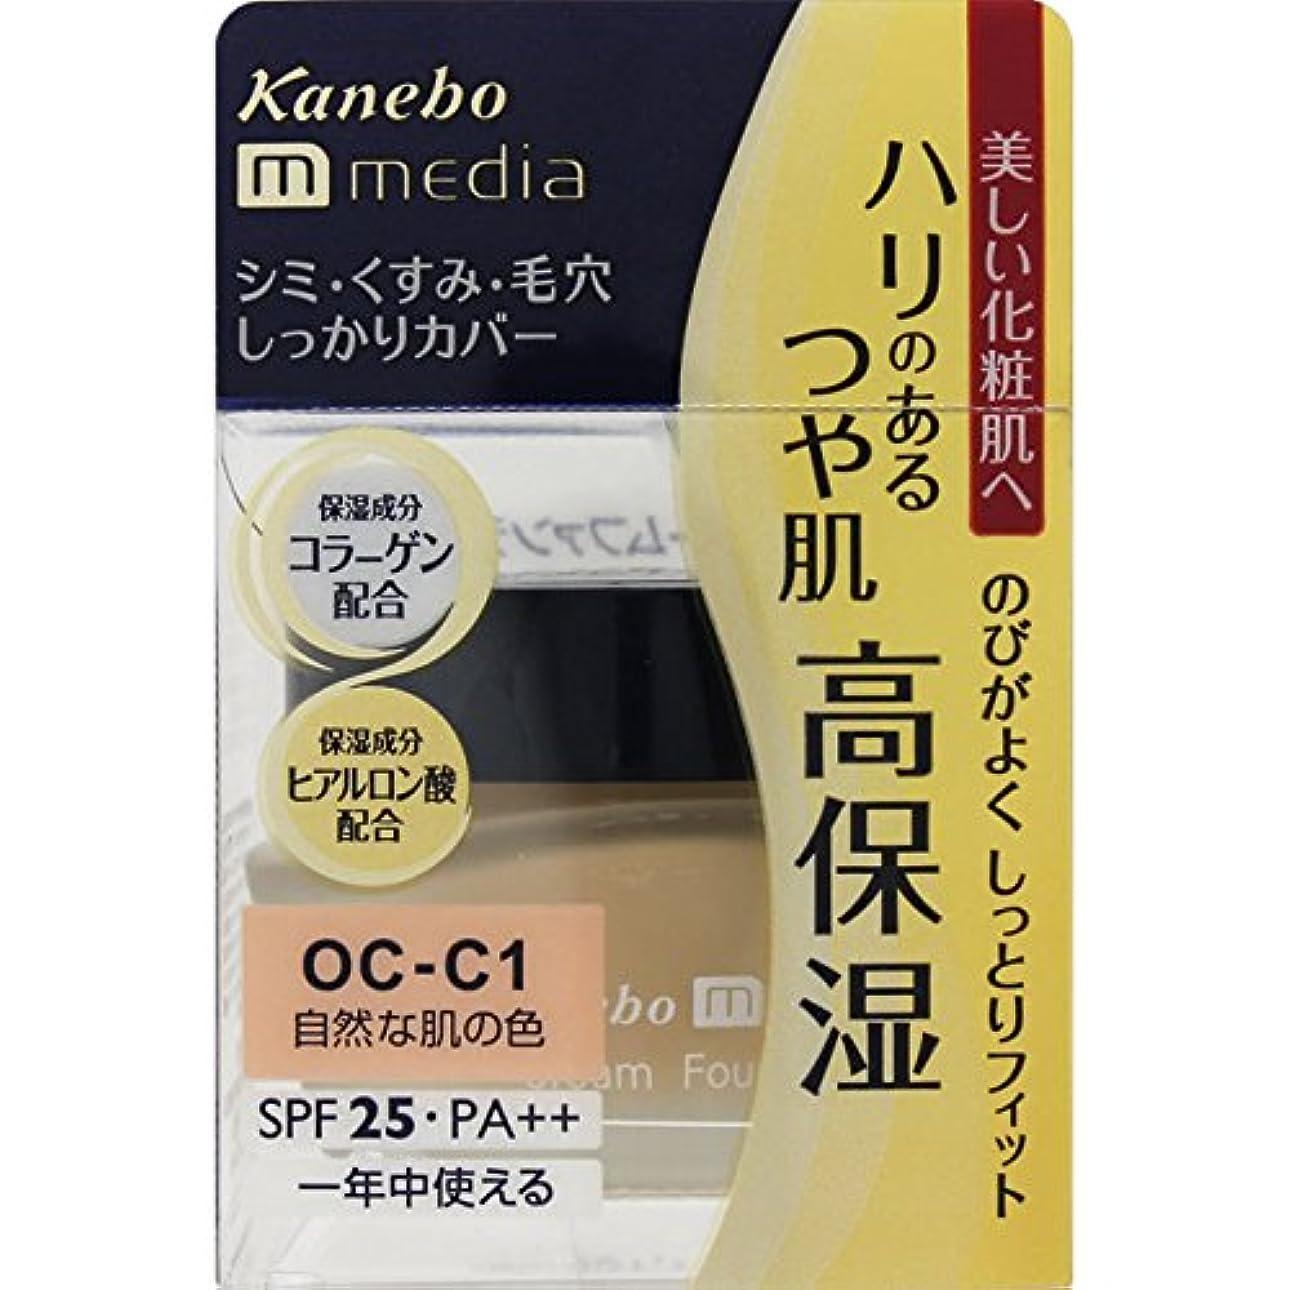 合理的有効ないまカネボウ media(メディア) クリームファンデーション OC-C1(自然な肌の色)